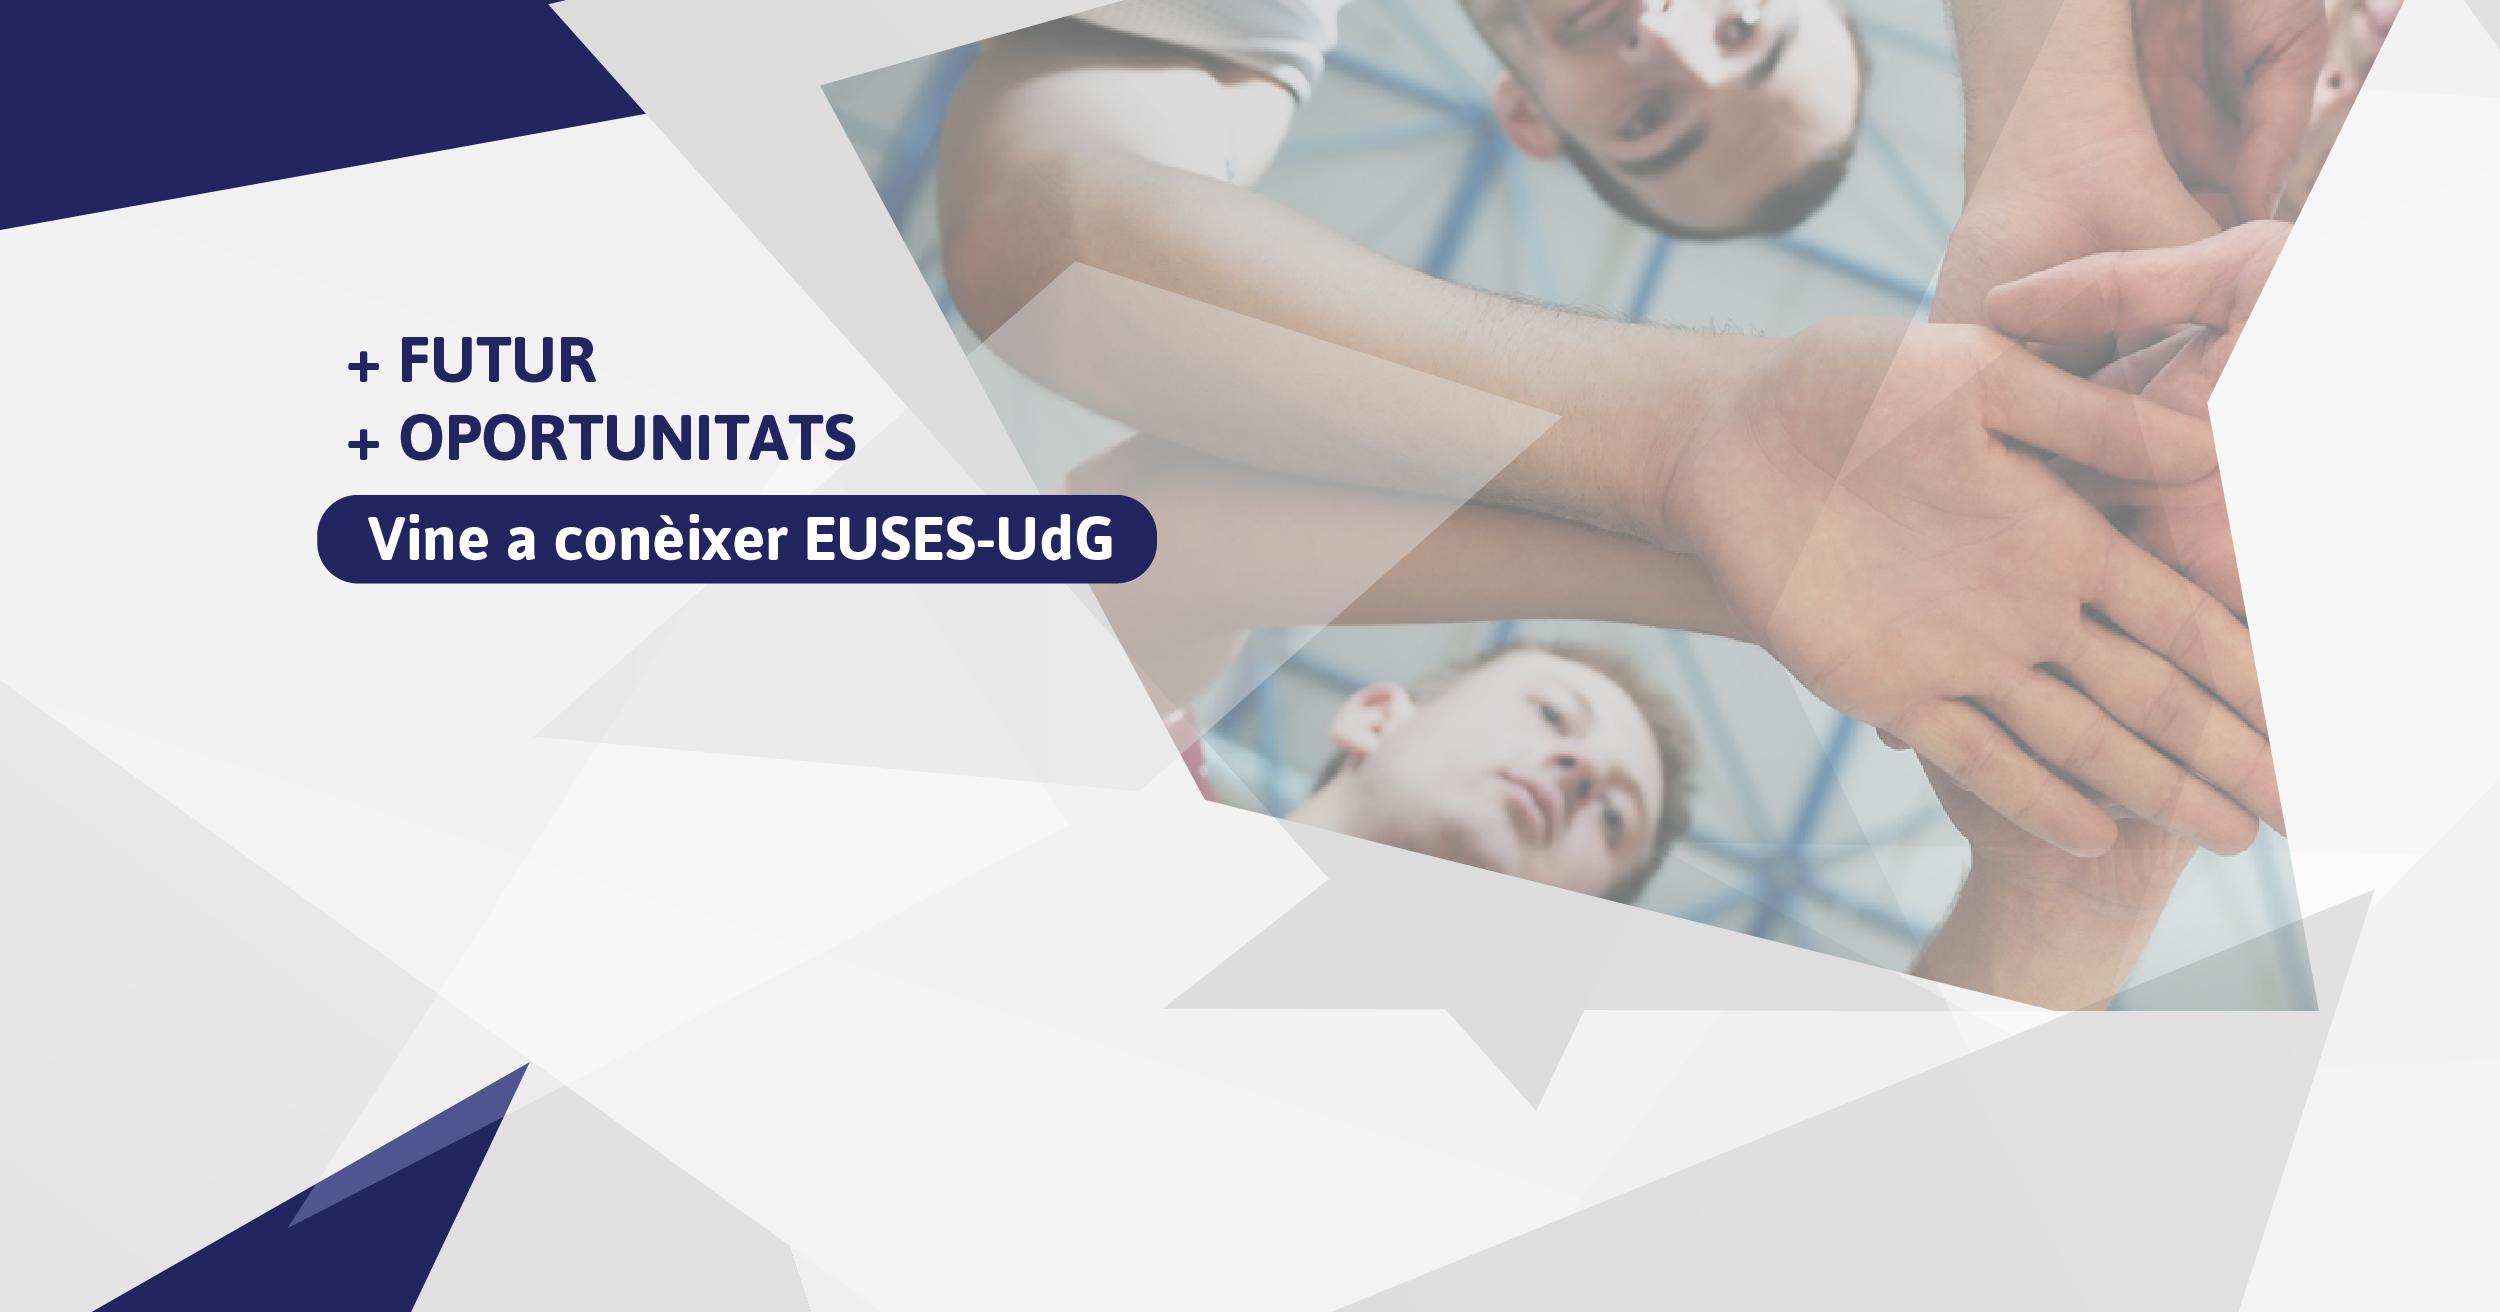 Jornades de Portes Obertes a EUSES-UdG, la Universitat de la Salut i l'Esport